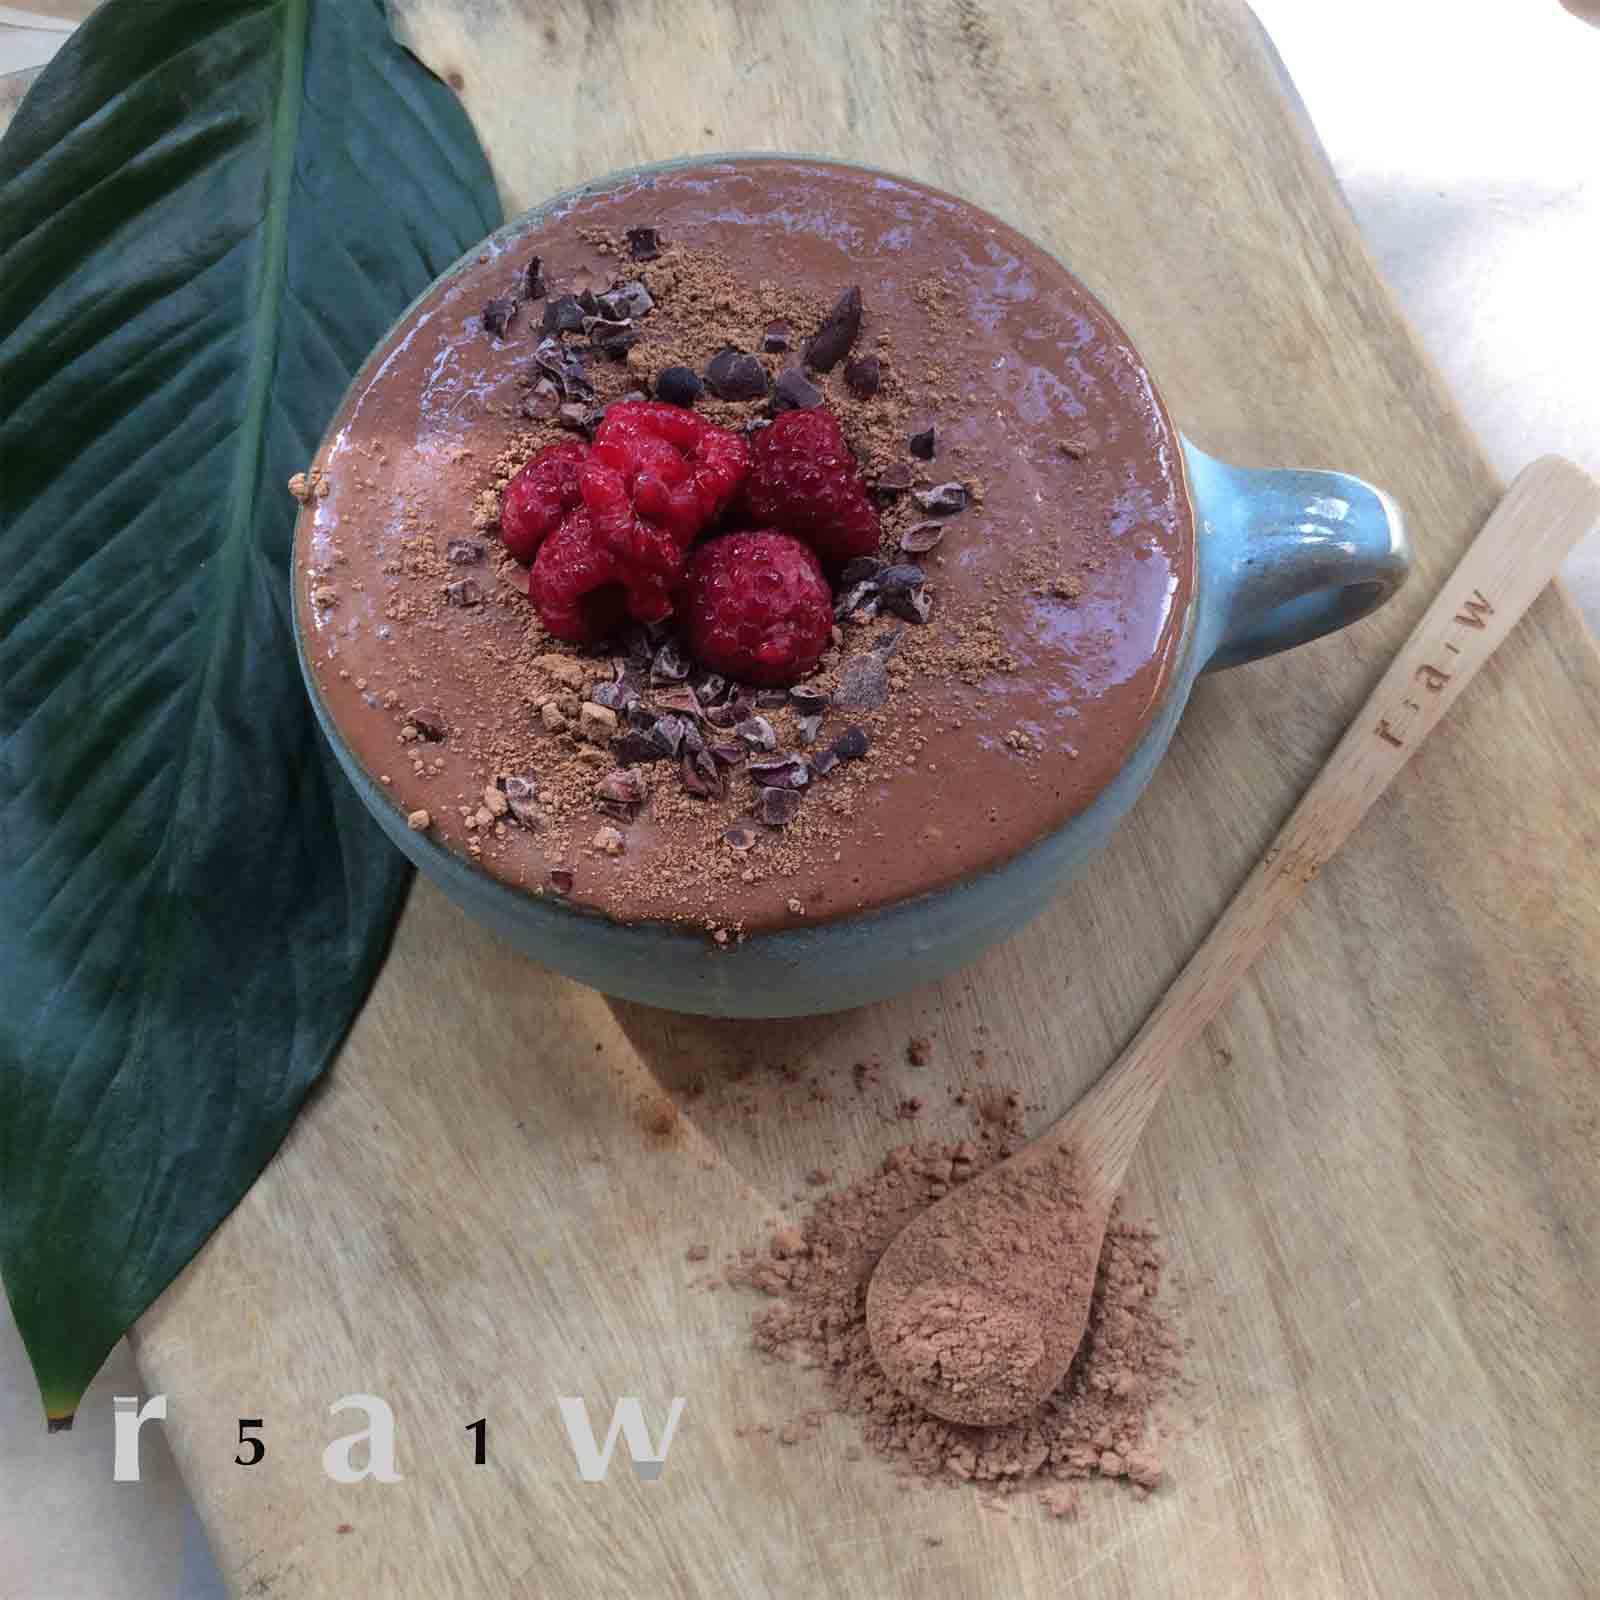 raw-food-diet-choc-raspberry-maca-thickshake-recipe-51raw.jpg